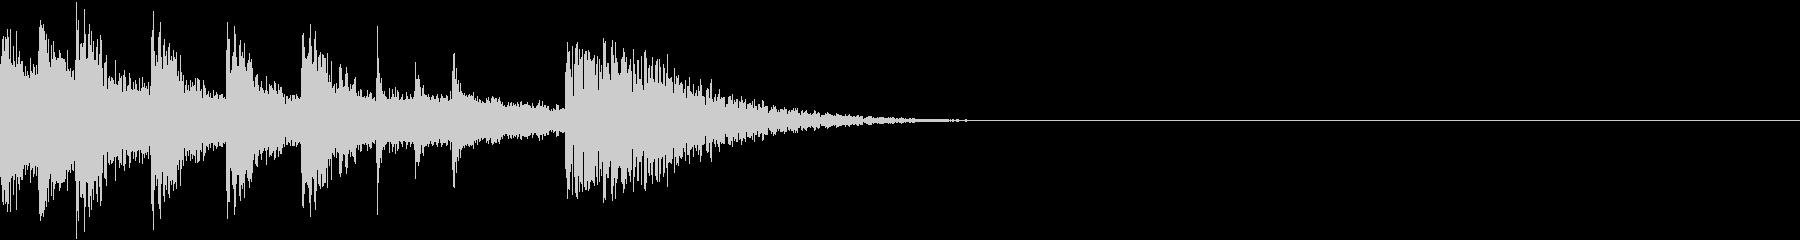 和風エフェクト_その2の未再生の波形